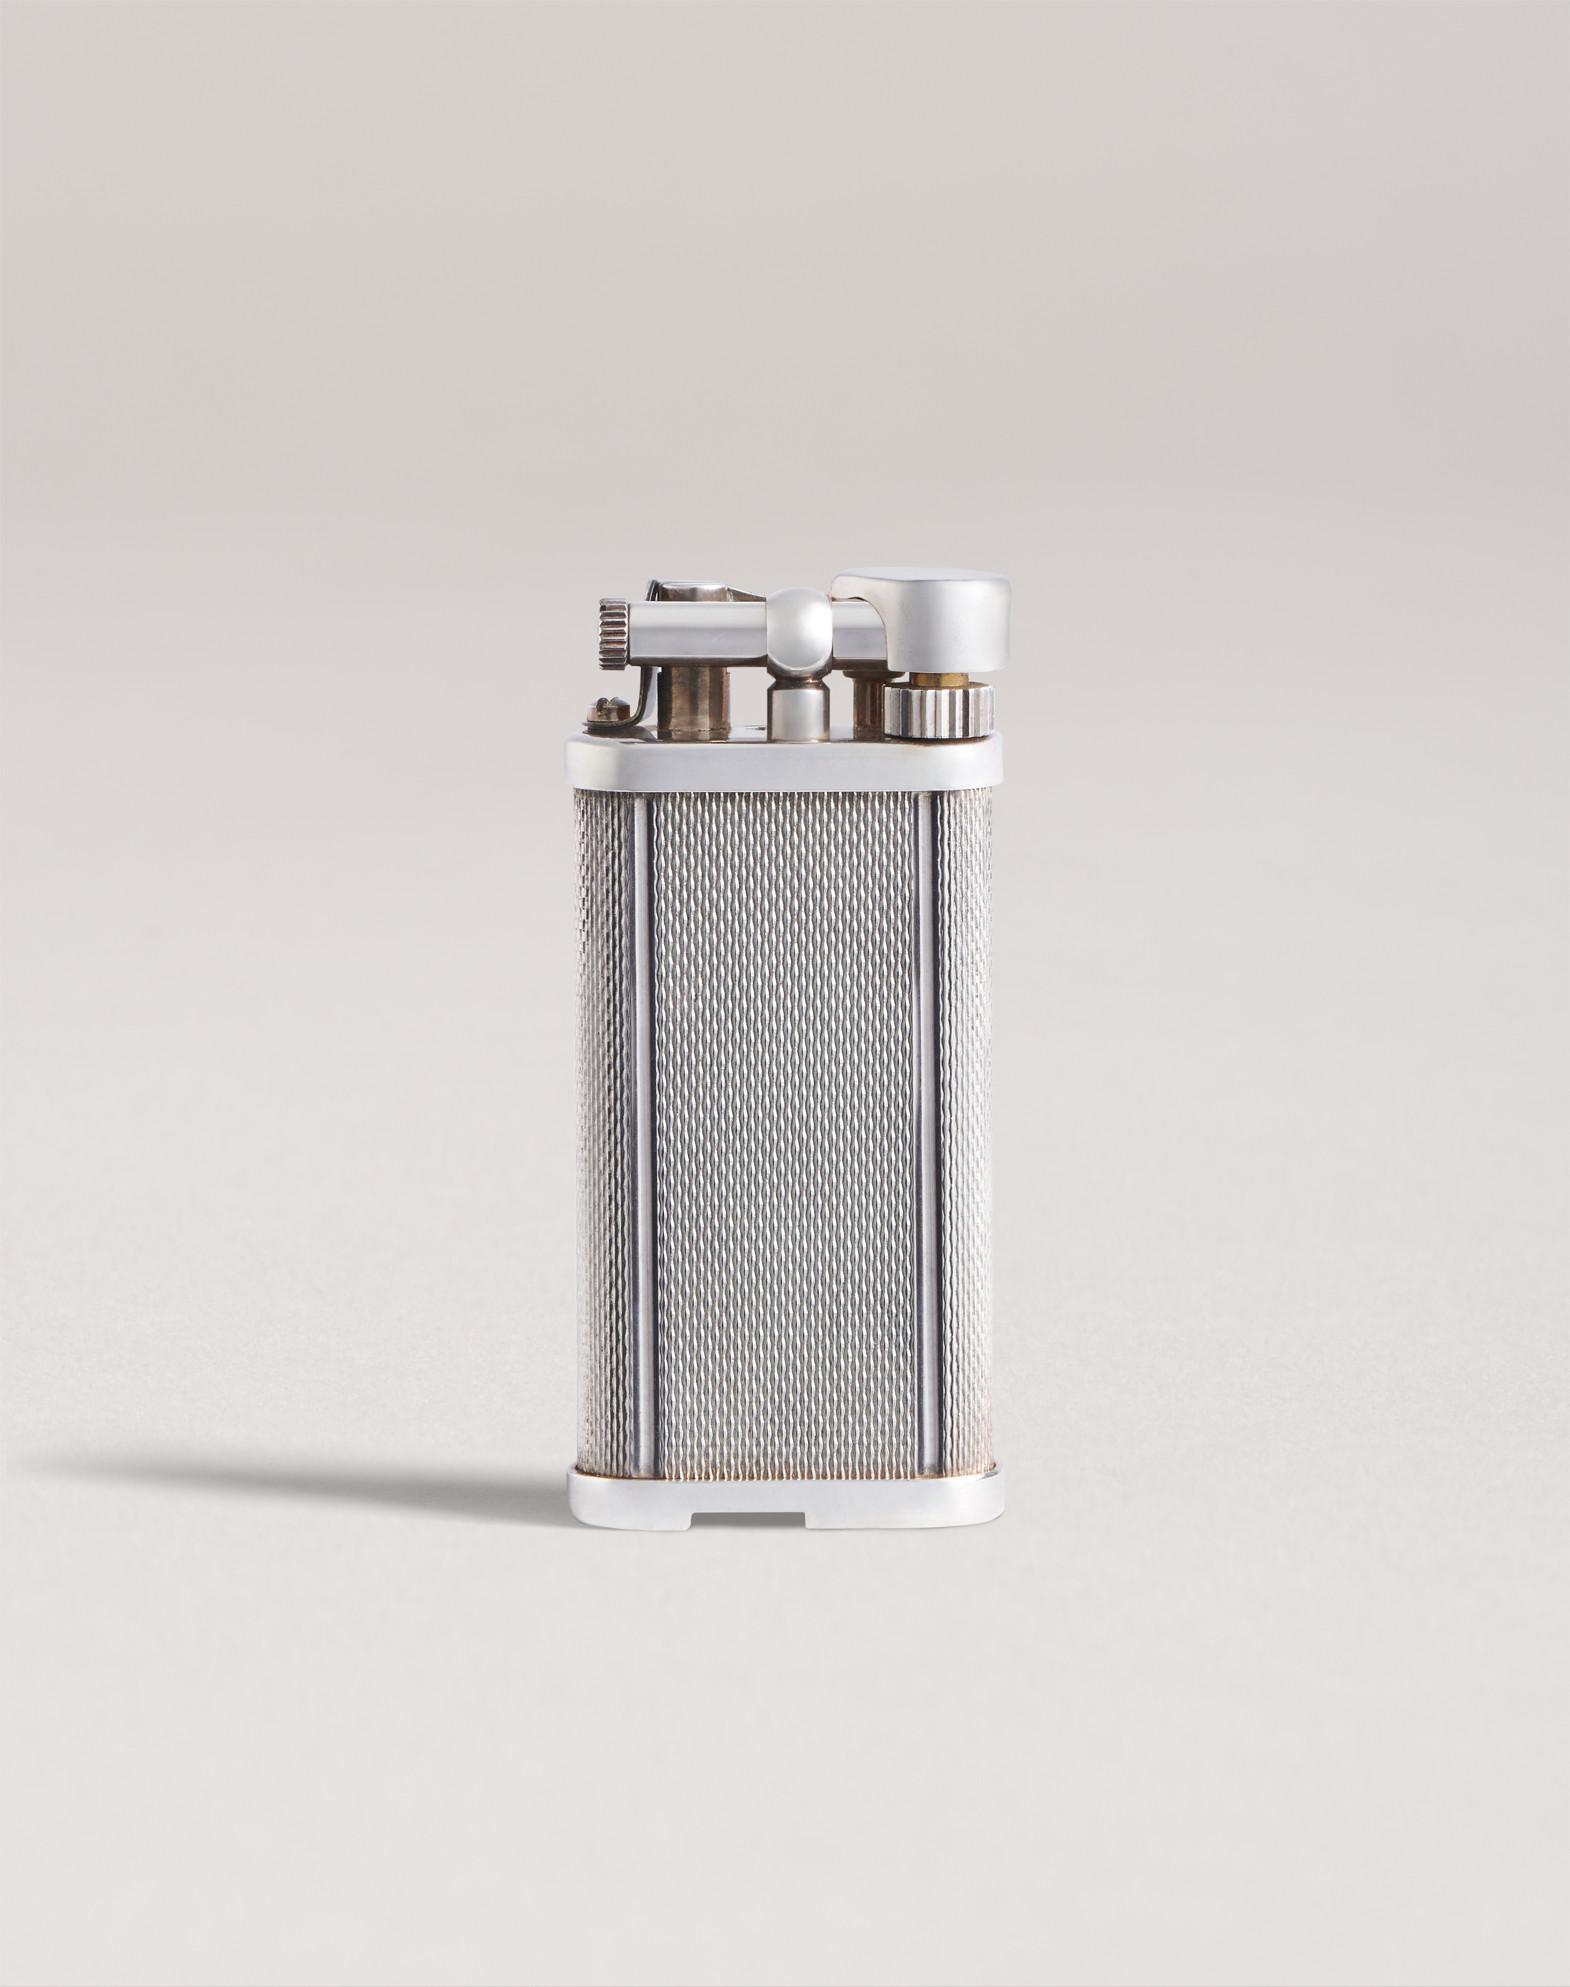 ライター買取価格相場 ダンヒル ユニークガスライター